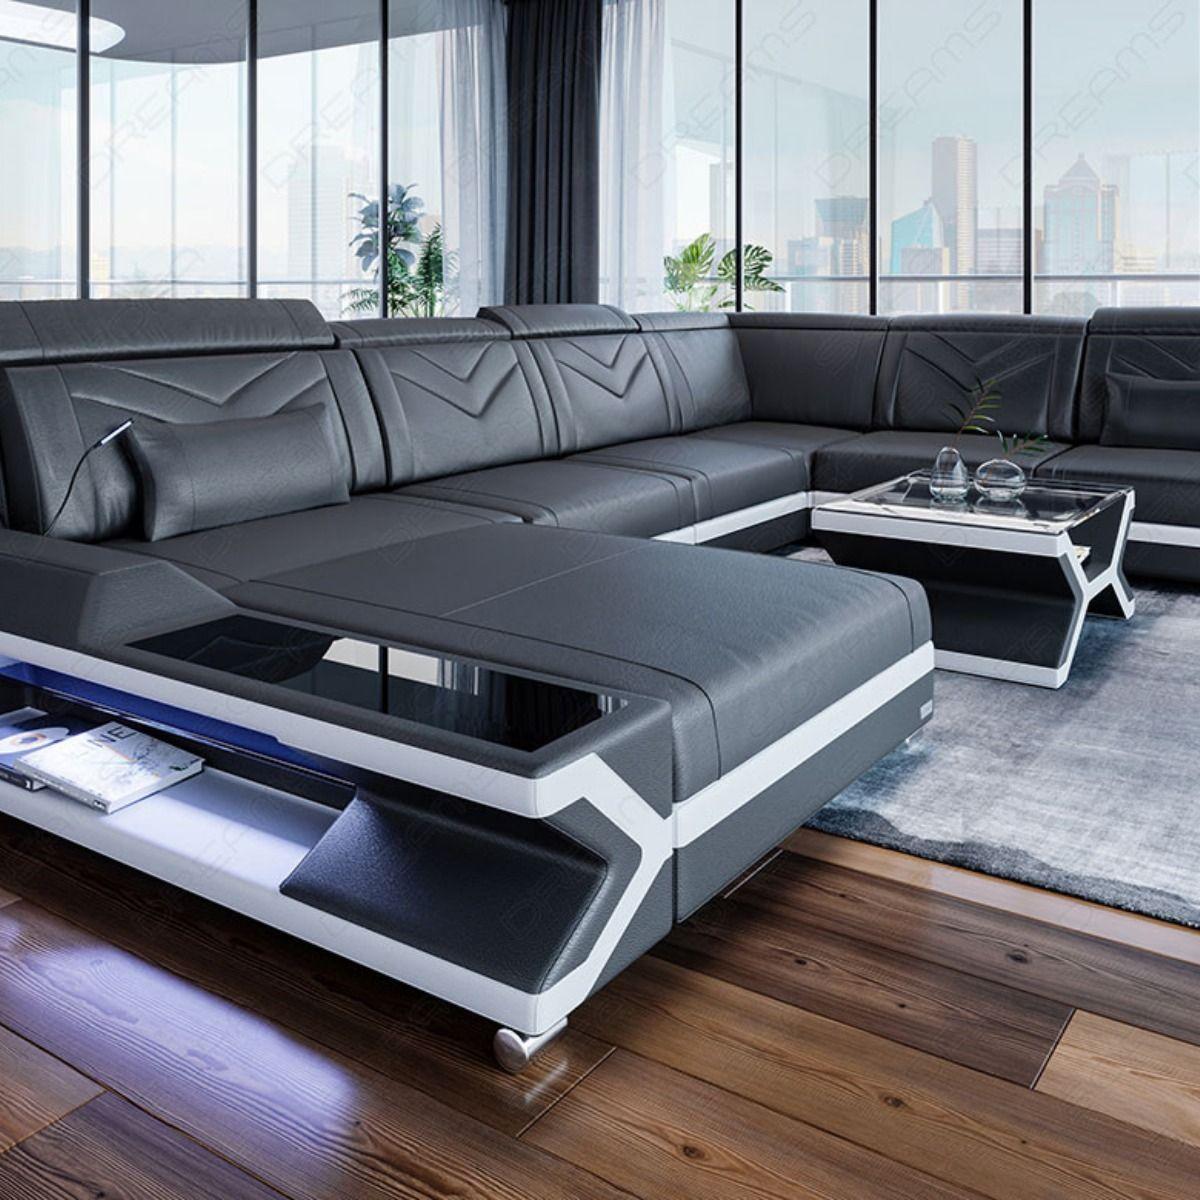 Xxl Wohnlandschaft Napoli Leder Luxury Couch Sofa Bed Design Luxury Sofa Design